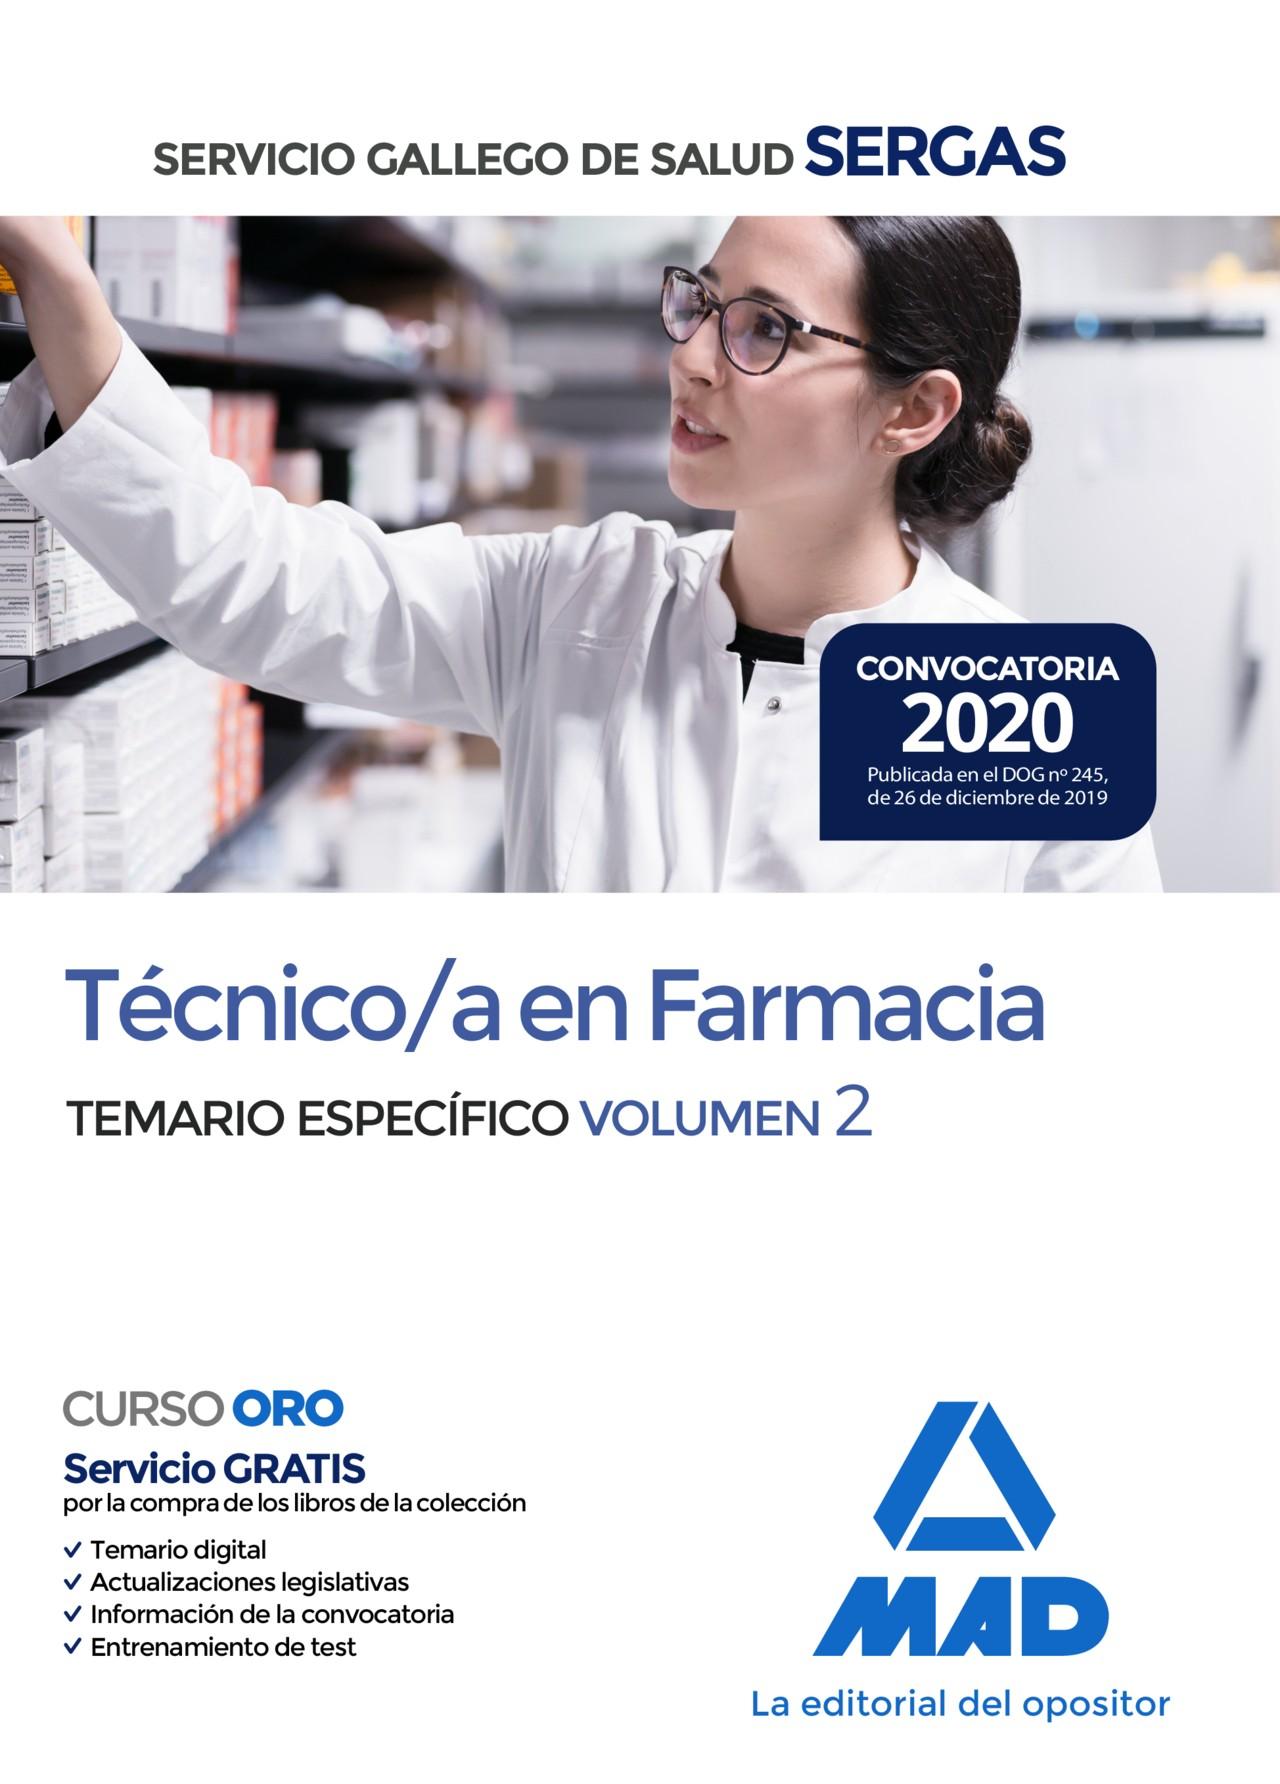 Técnico/a en Farmacia del Servicio Gallego de Salud